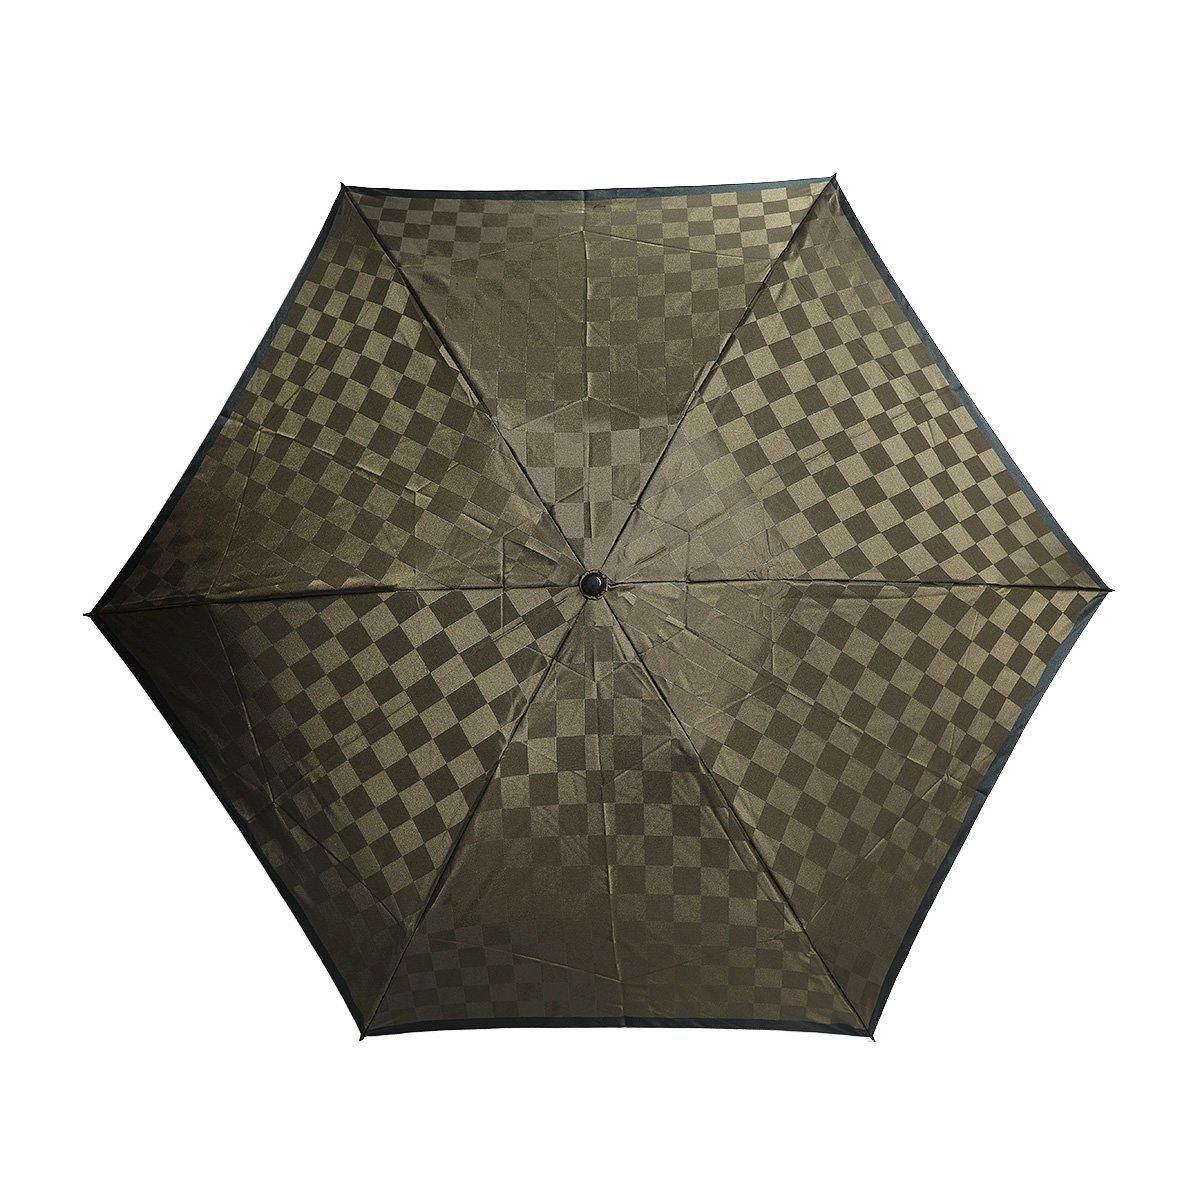 市松柄 折りたたみ傘 詳細画像10